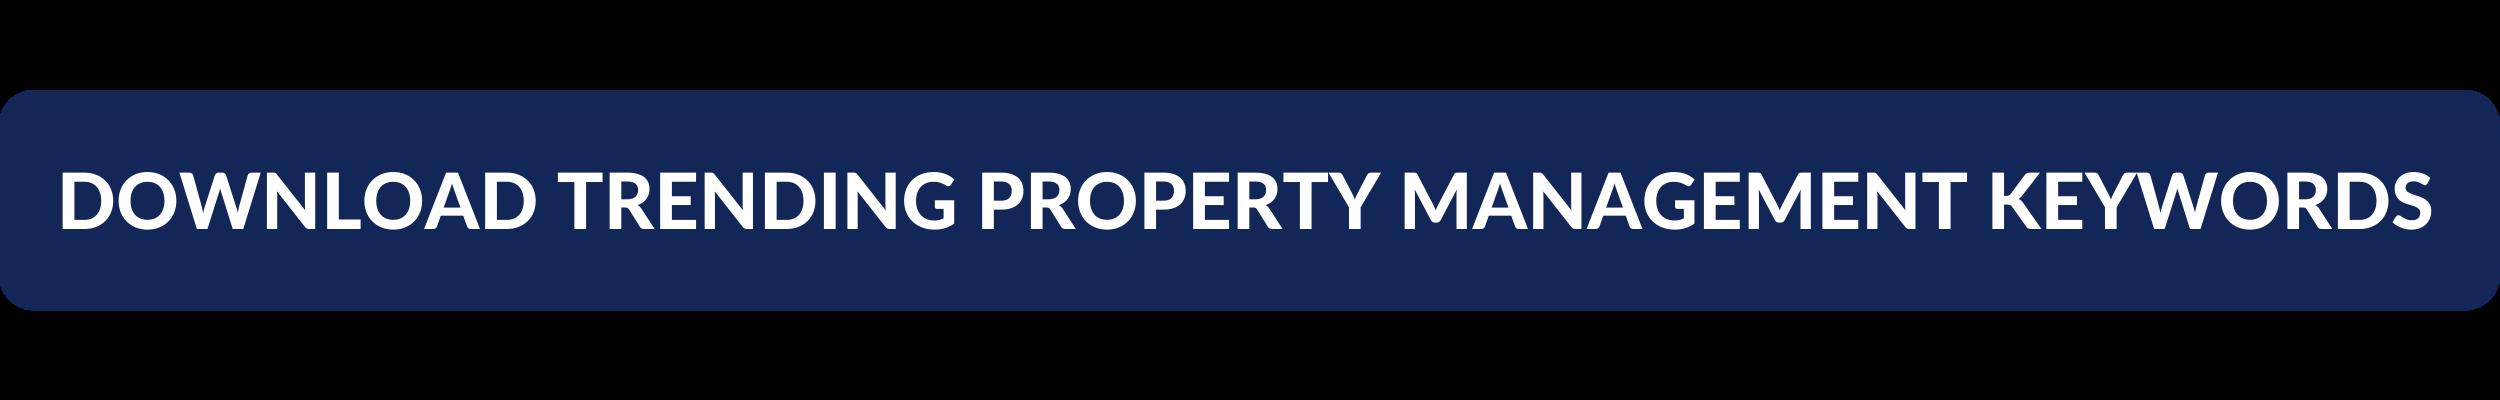 property management keywords